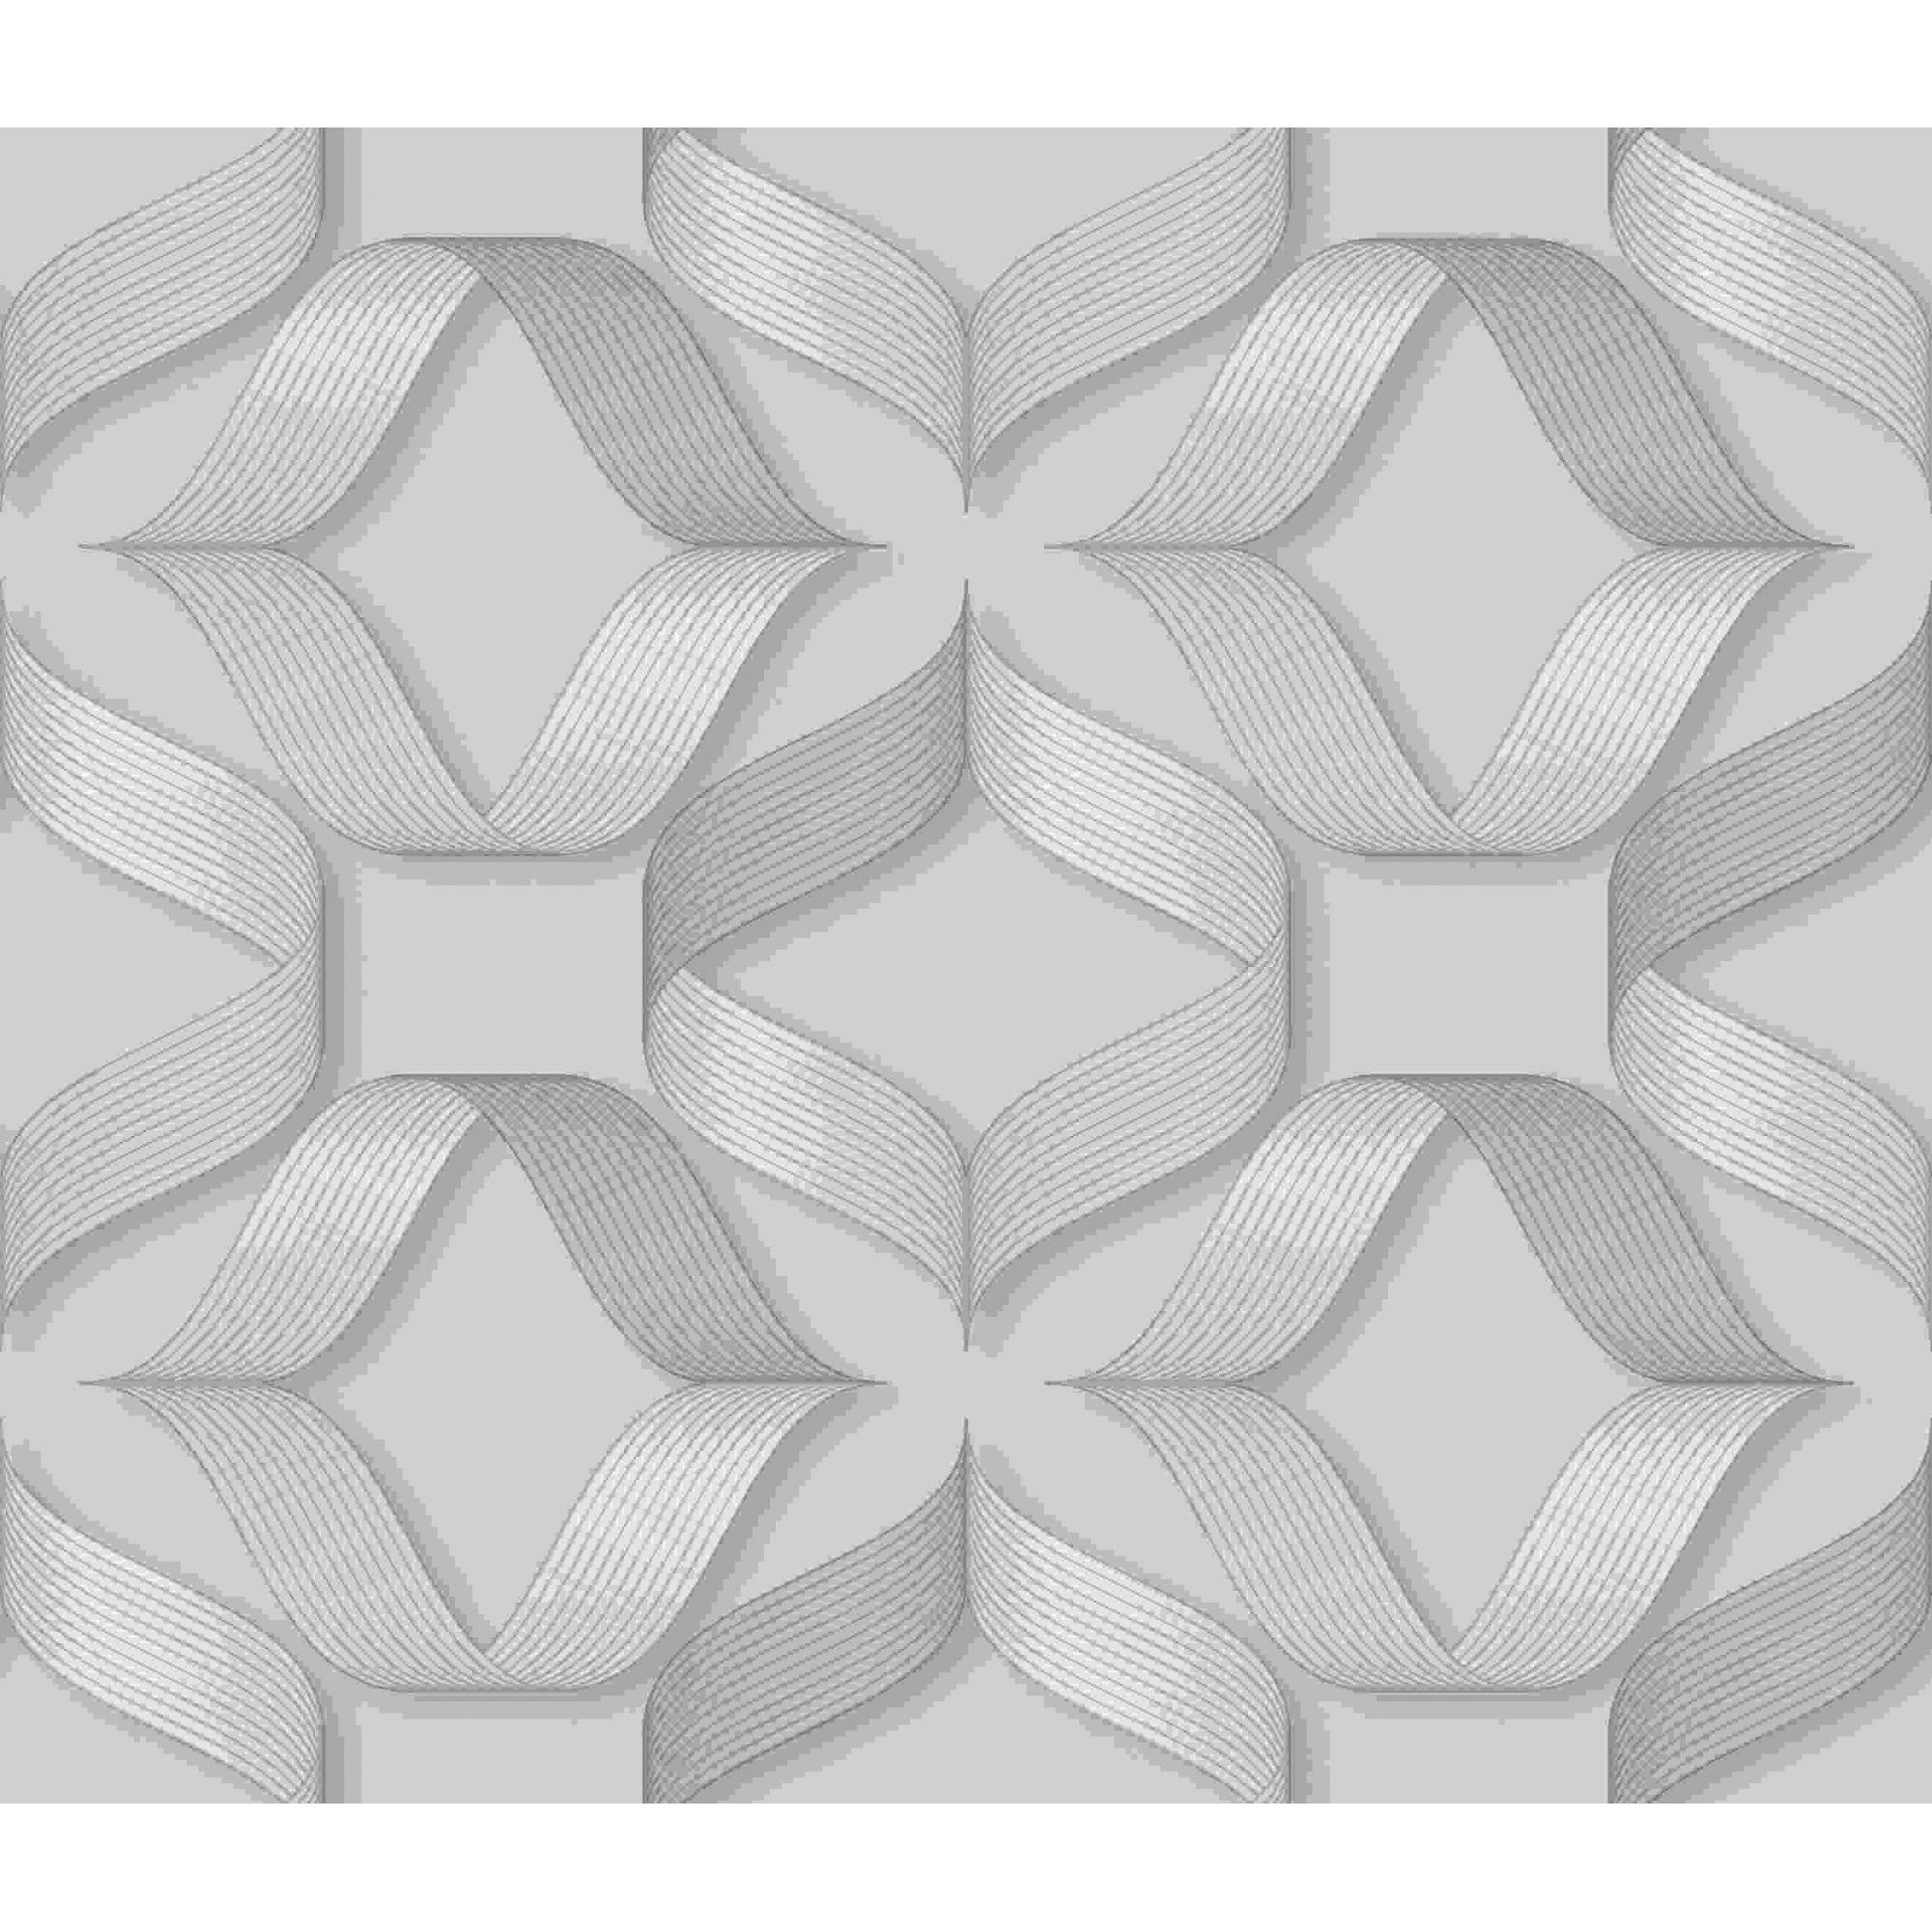 Papel de Parede Kan Tai Vinílico Coleção Neonature 5 Geométrico Formas Cinza, Dourado, brilho